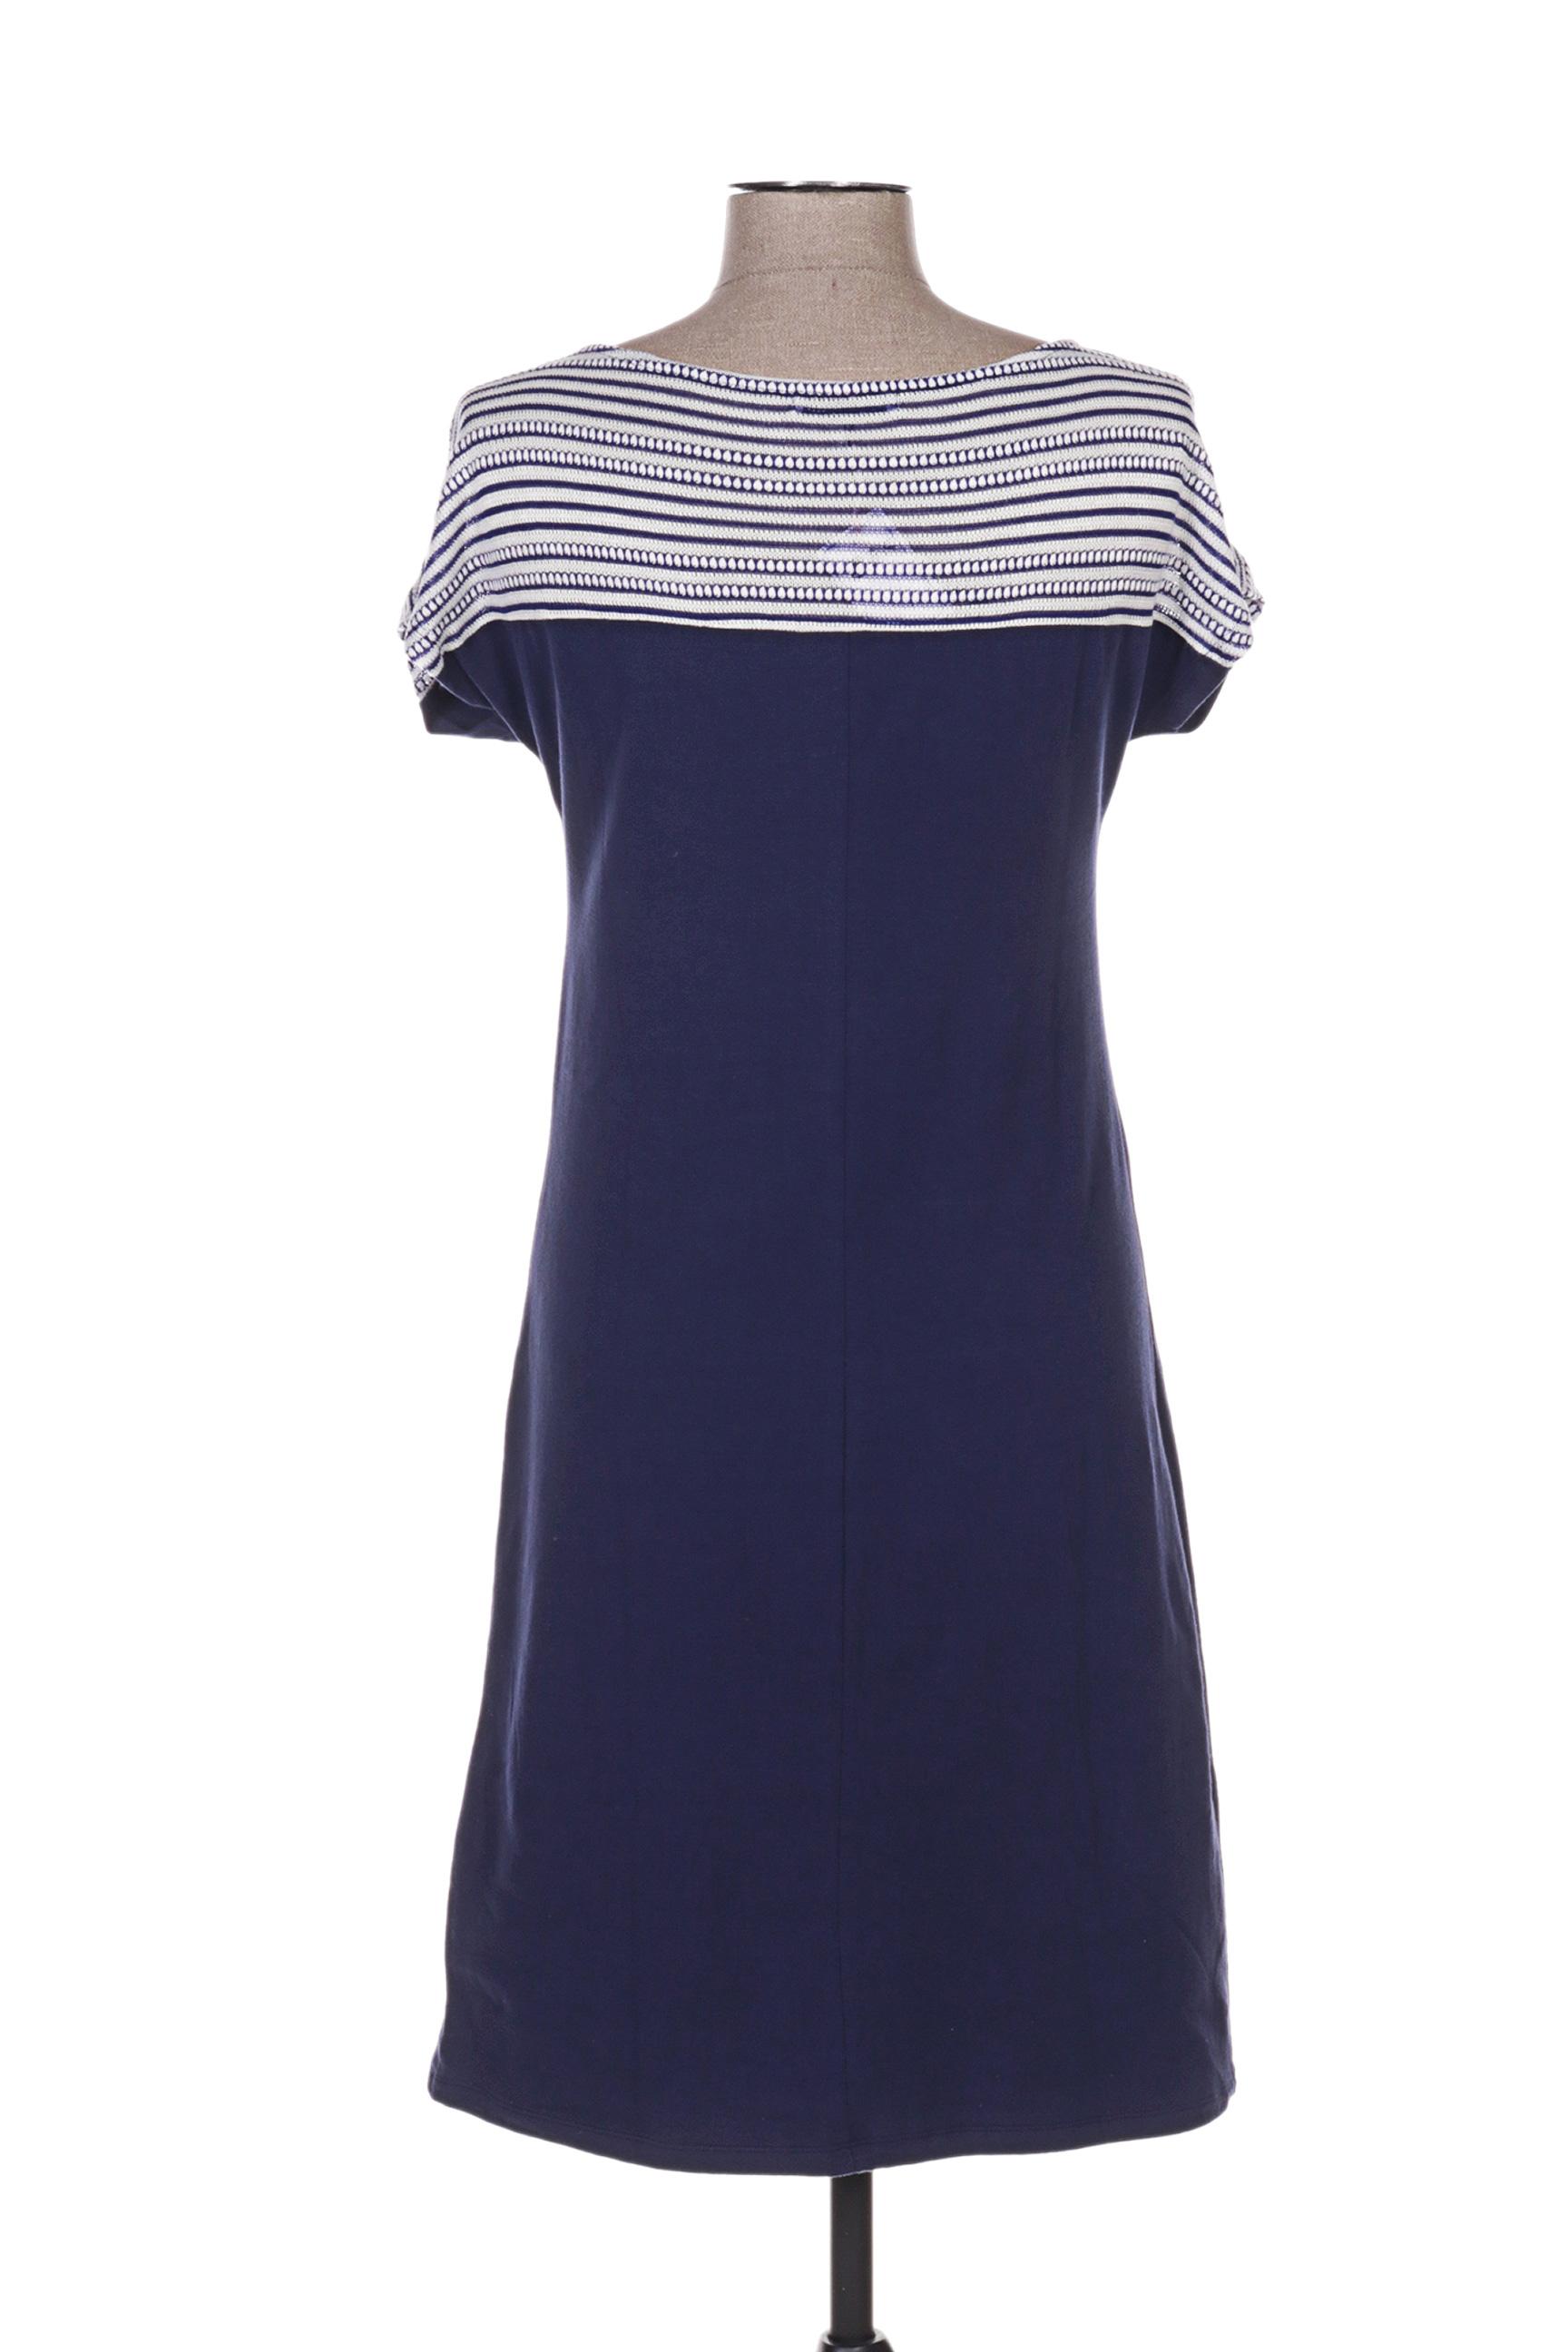 Noos Noos Robes Mi Longues Femme De Couleur Bleu En Soldes Pas Cher 1277374-bleu00